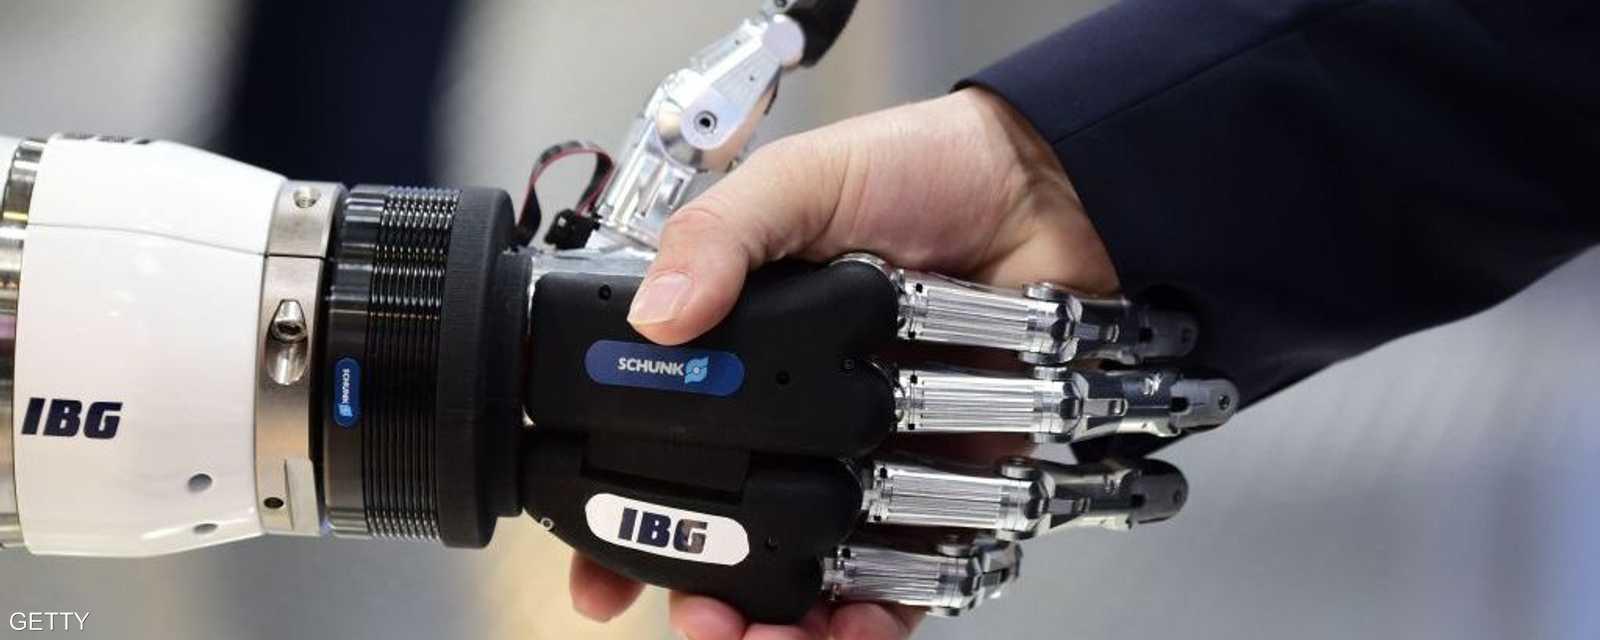 """صورة لشخص يصافح يد روبوت من صنع شركة """"آي بي جي أوتوميشن"""""""